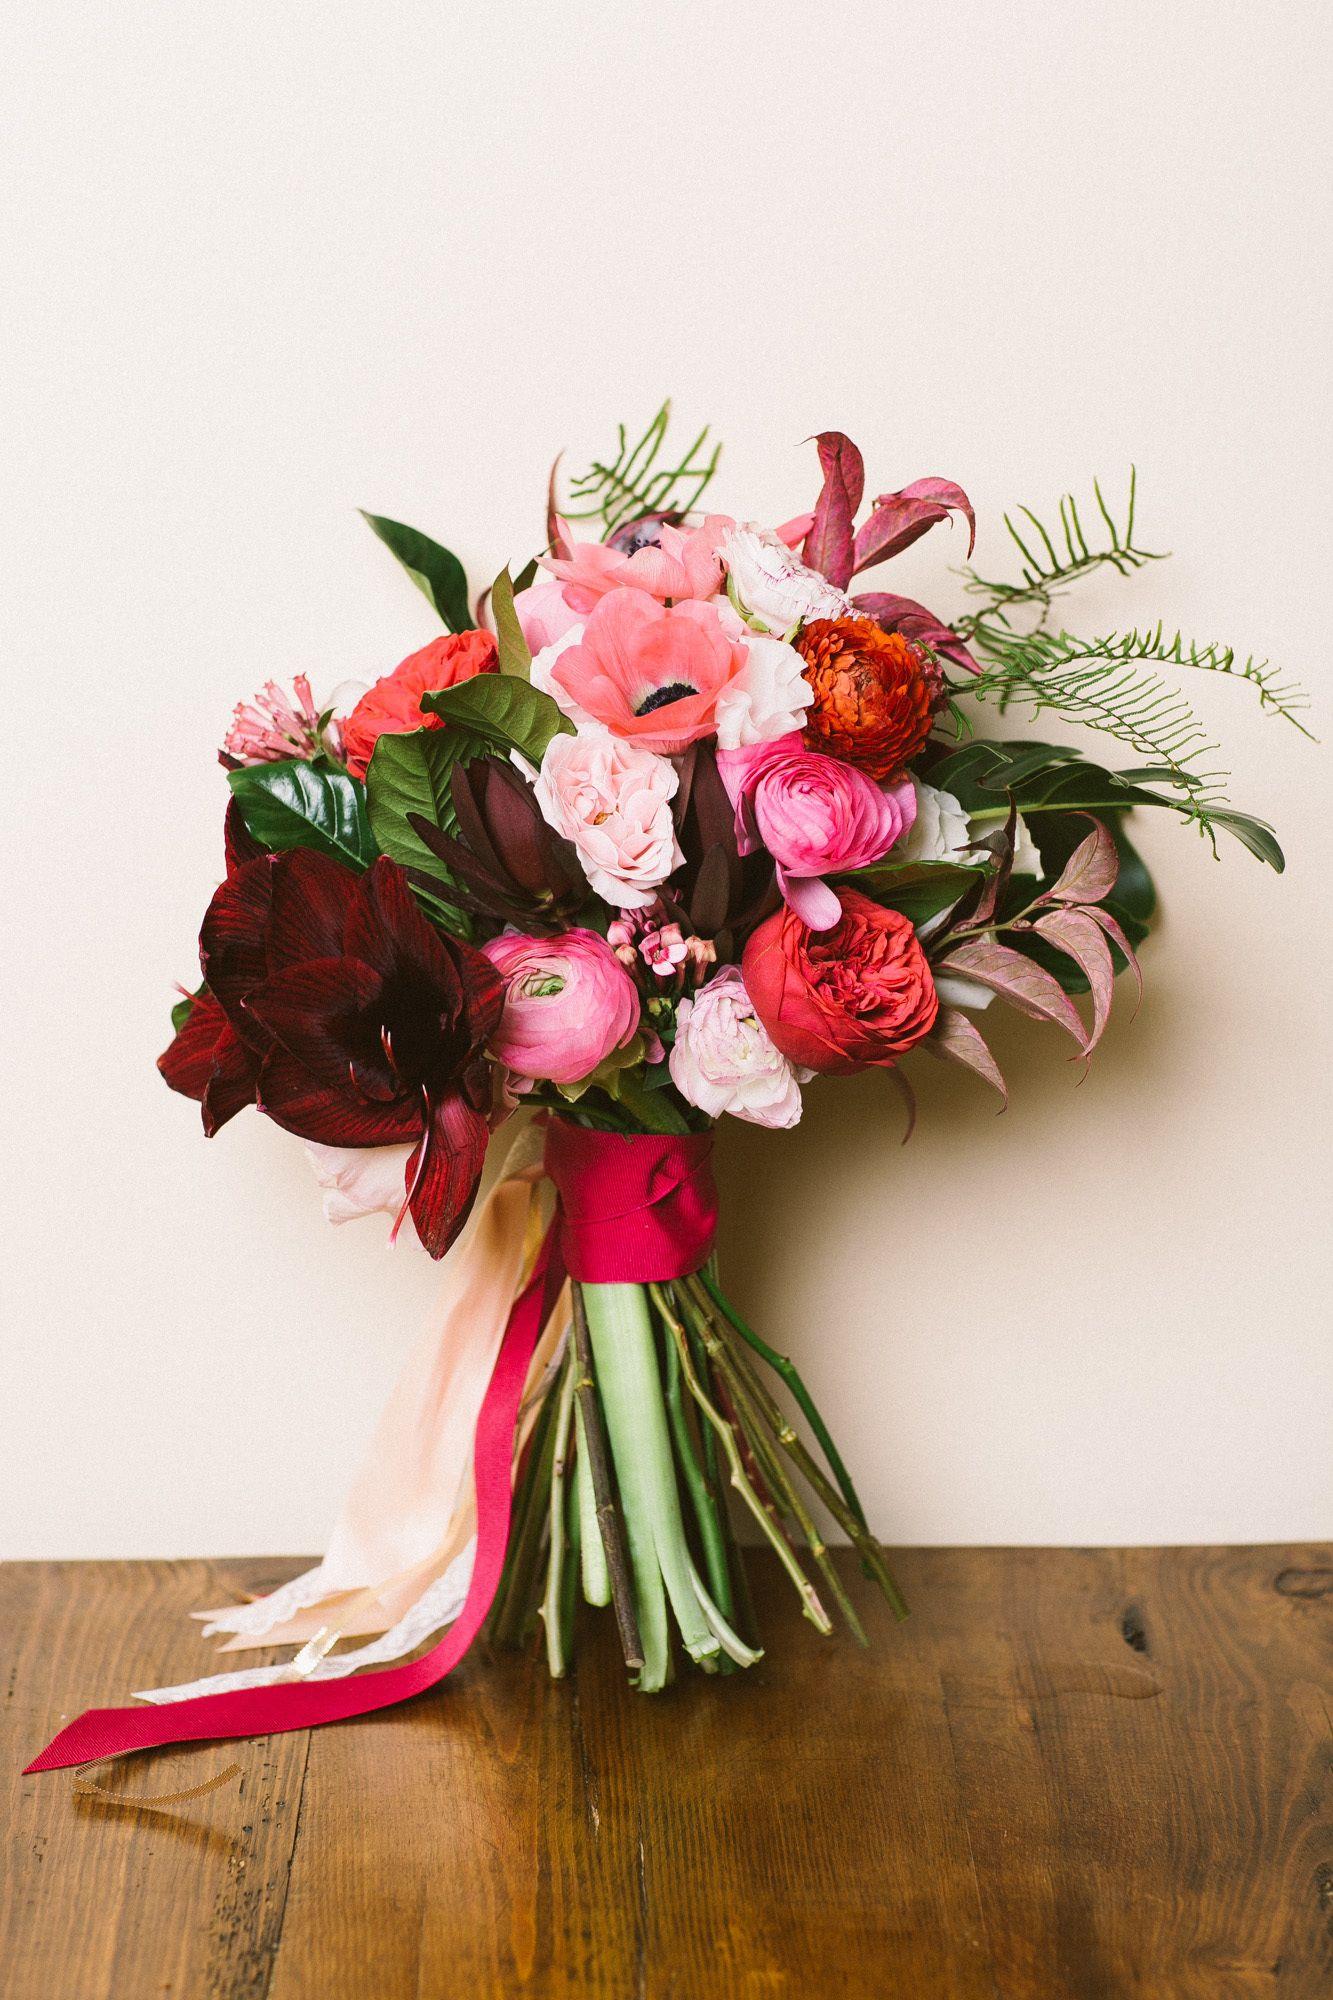 Названия букетов защита букетов цветов, купить элиста